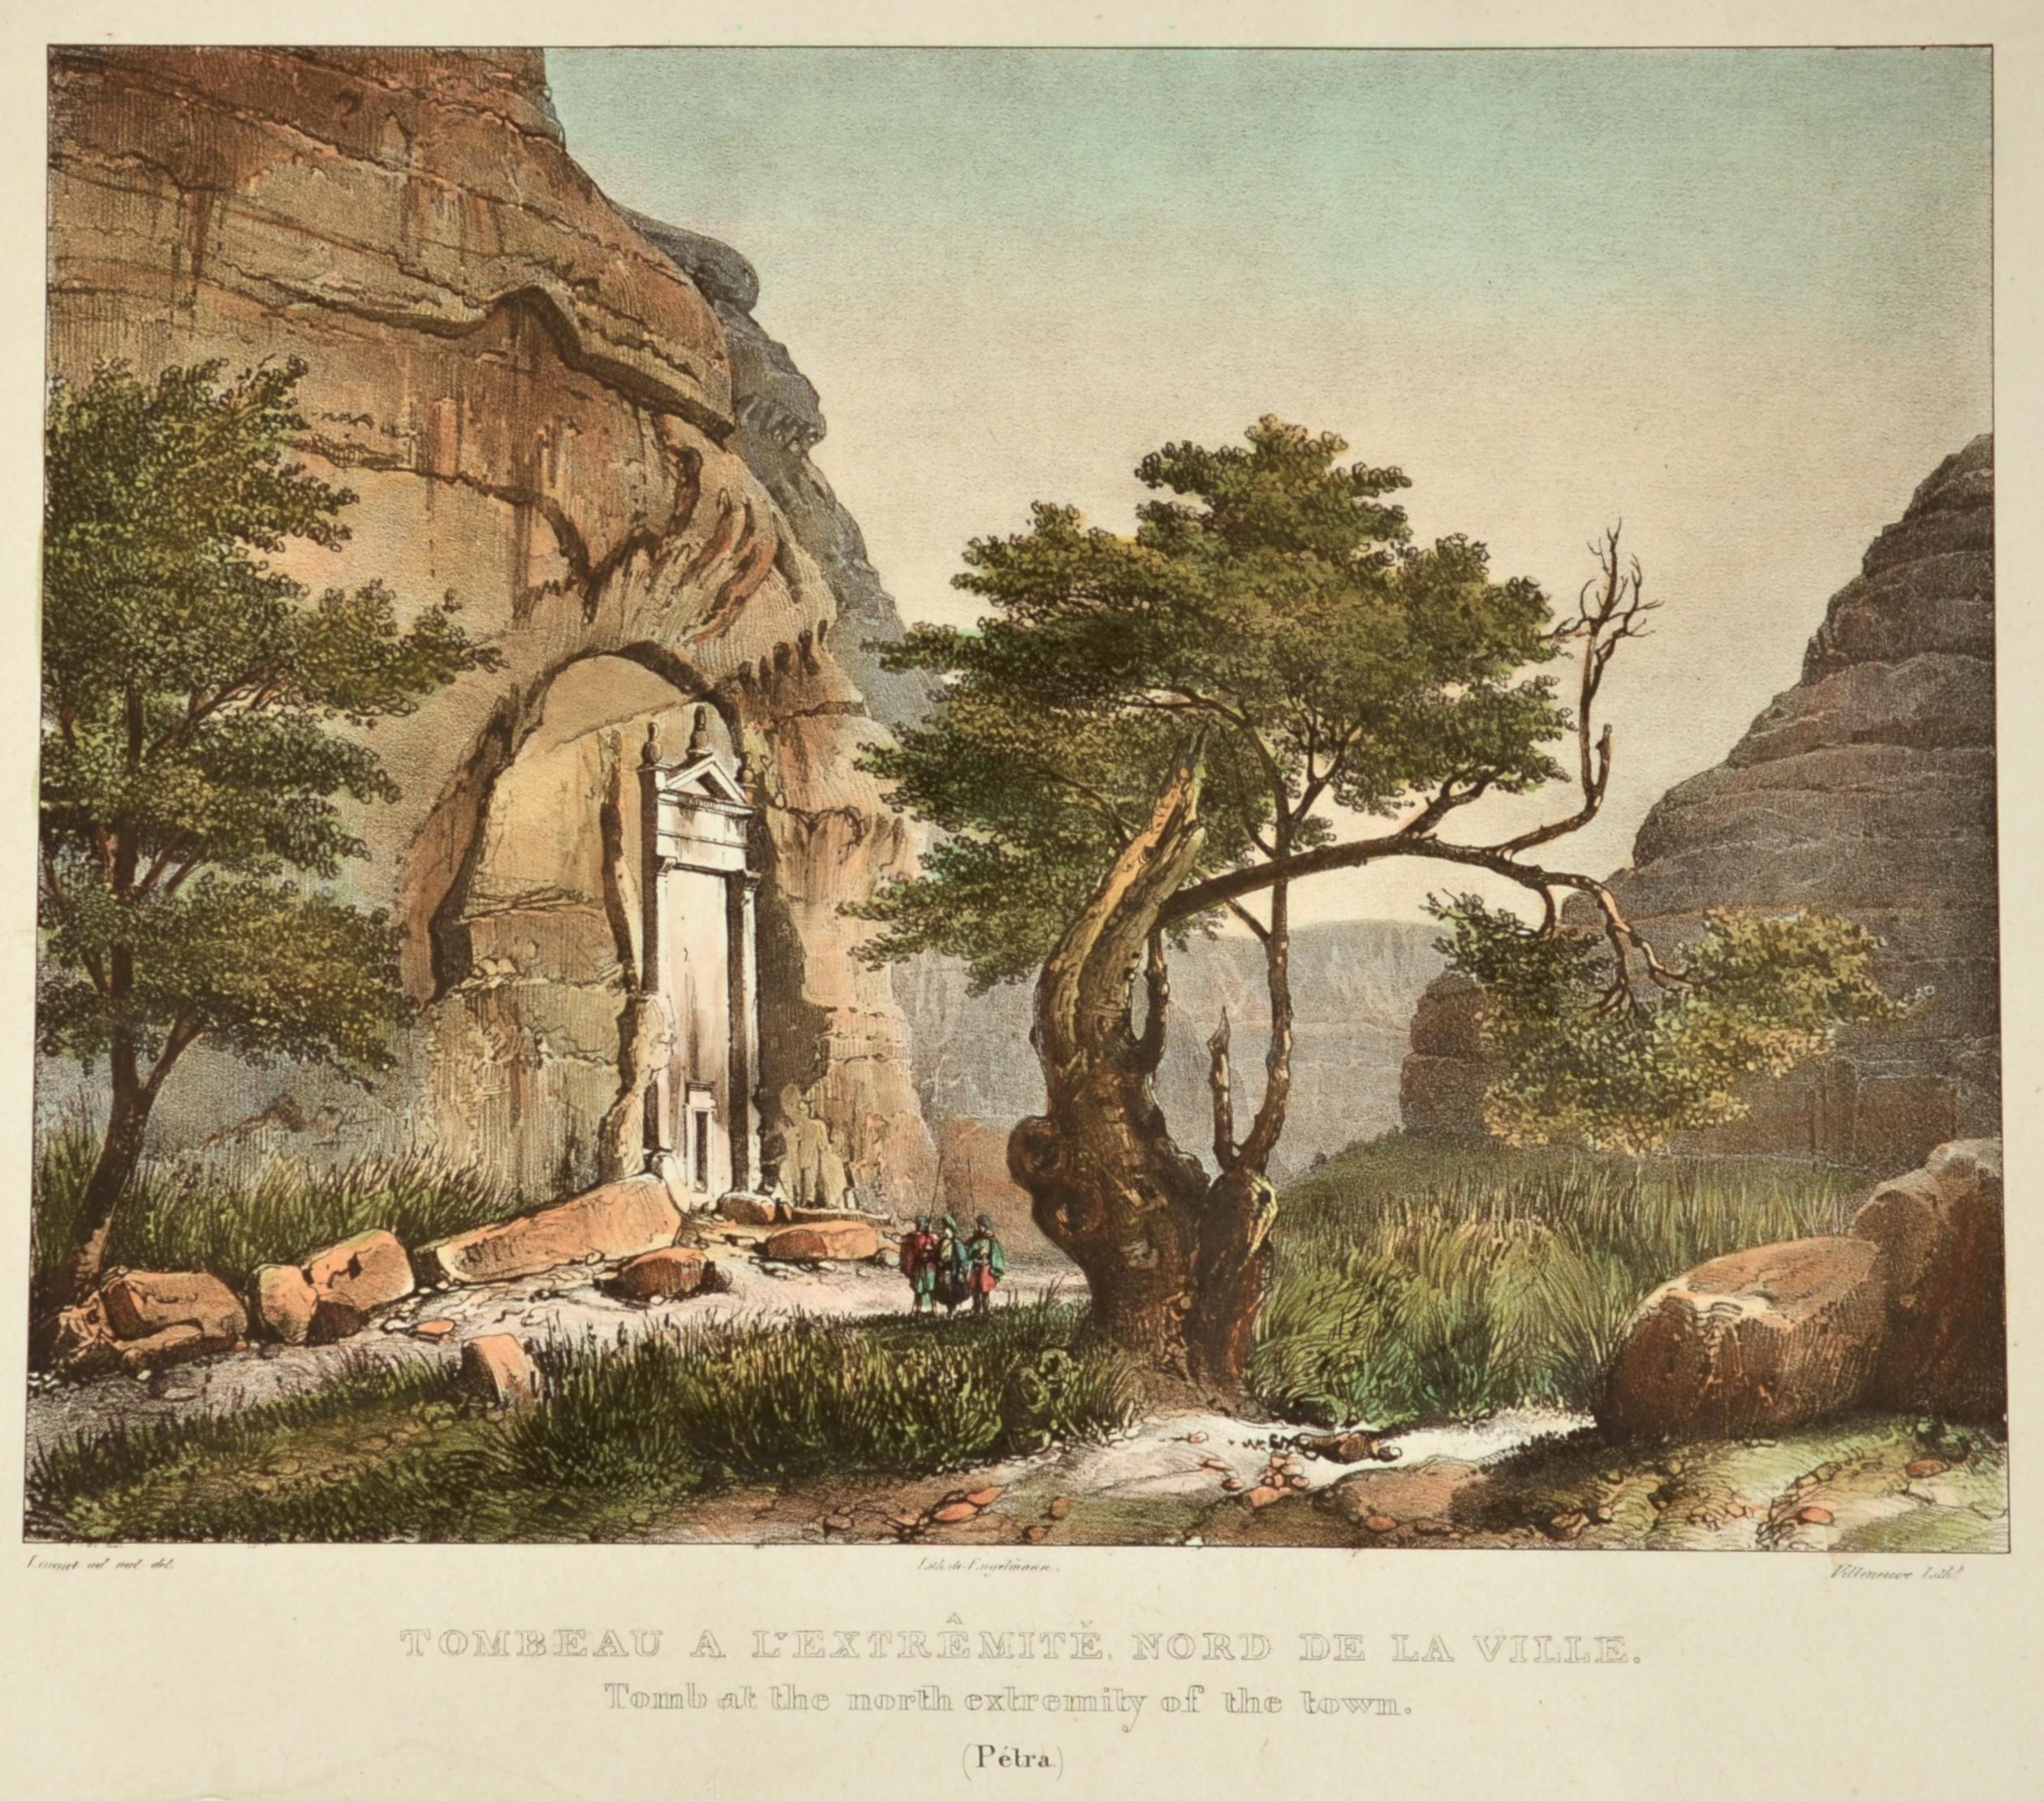 Engelmann  Tombeau a l´extréminté nord de la ville/ Tomb at the north extremety of the town ( Petra)